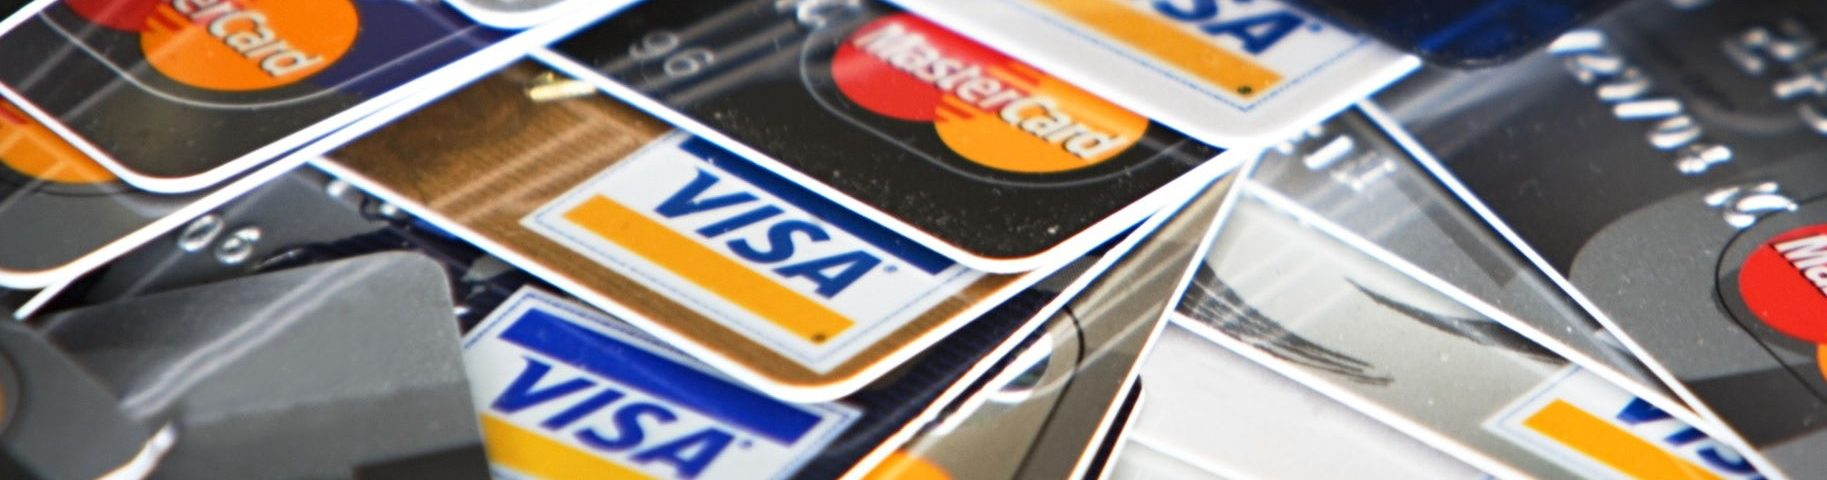 Jämför och hitta bästa kreditkort